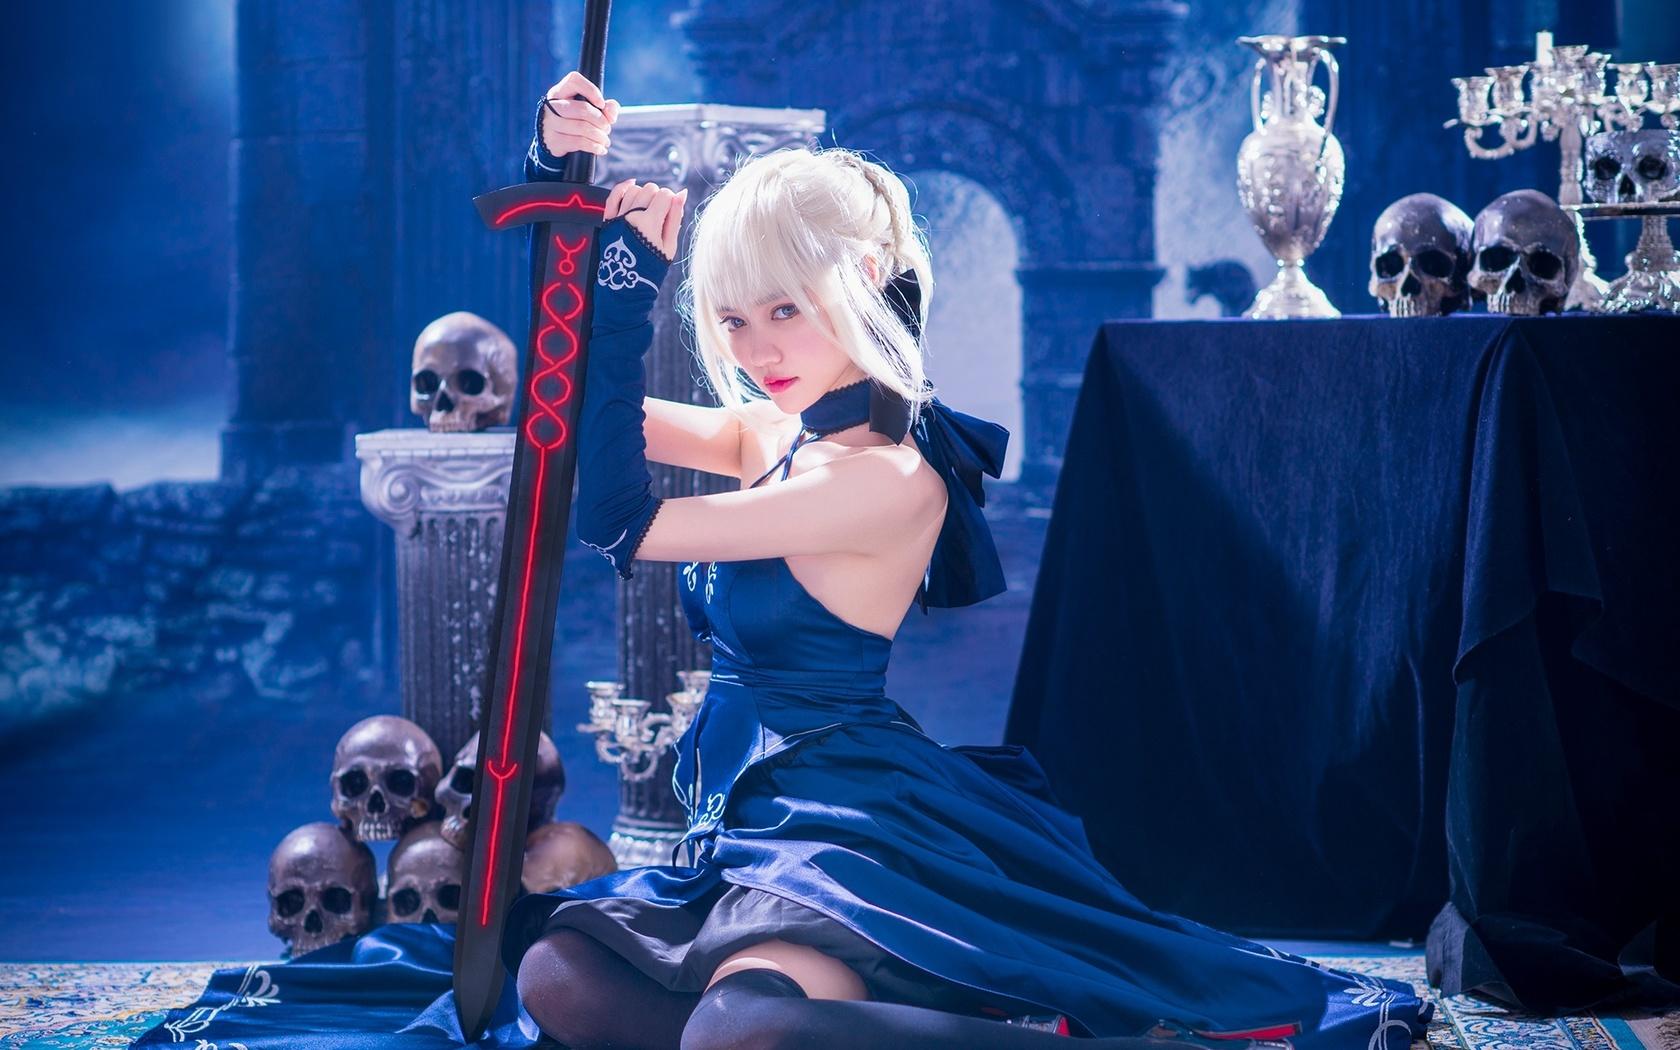 синий, замок, меч, чулки, фэнтези, черепа